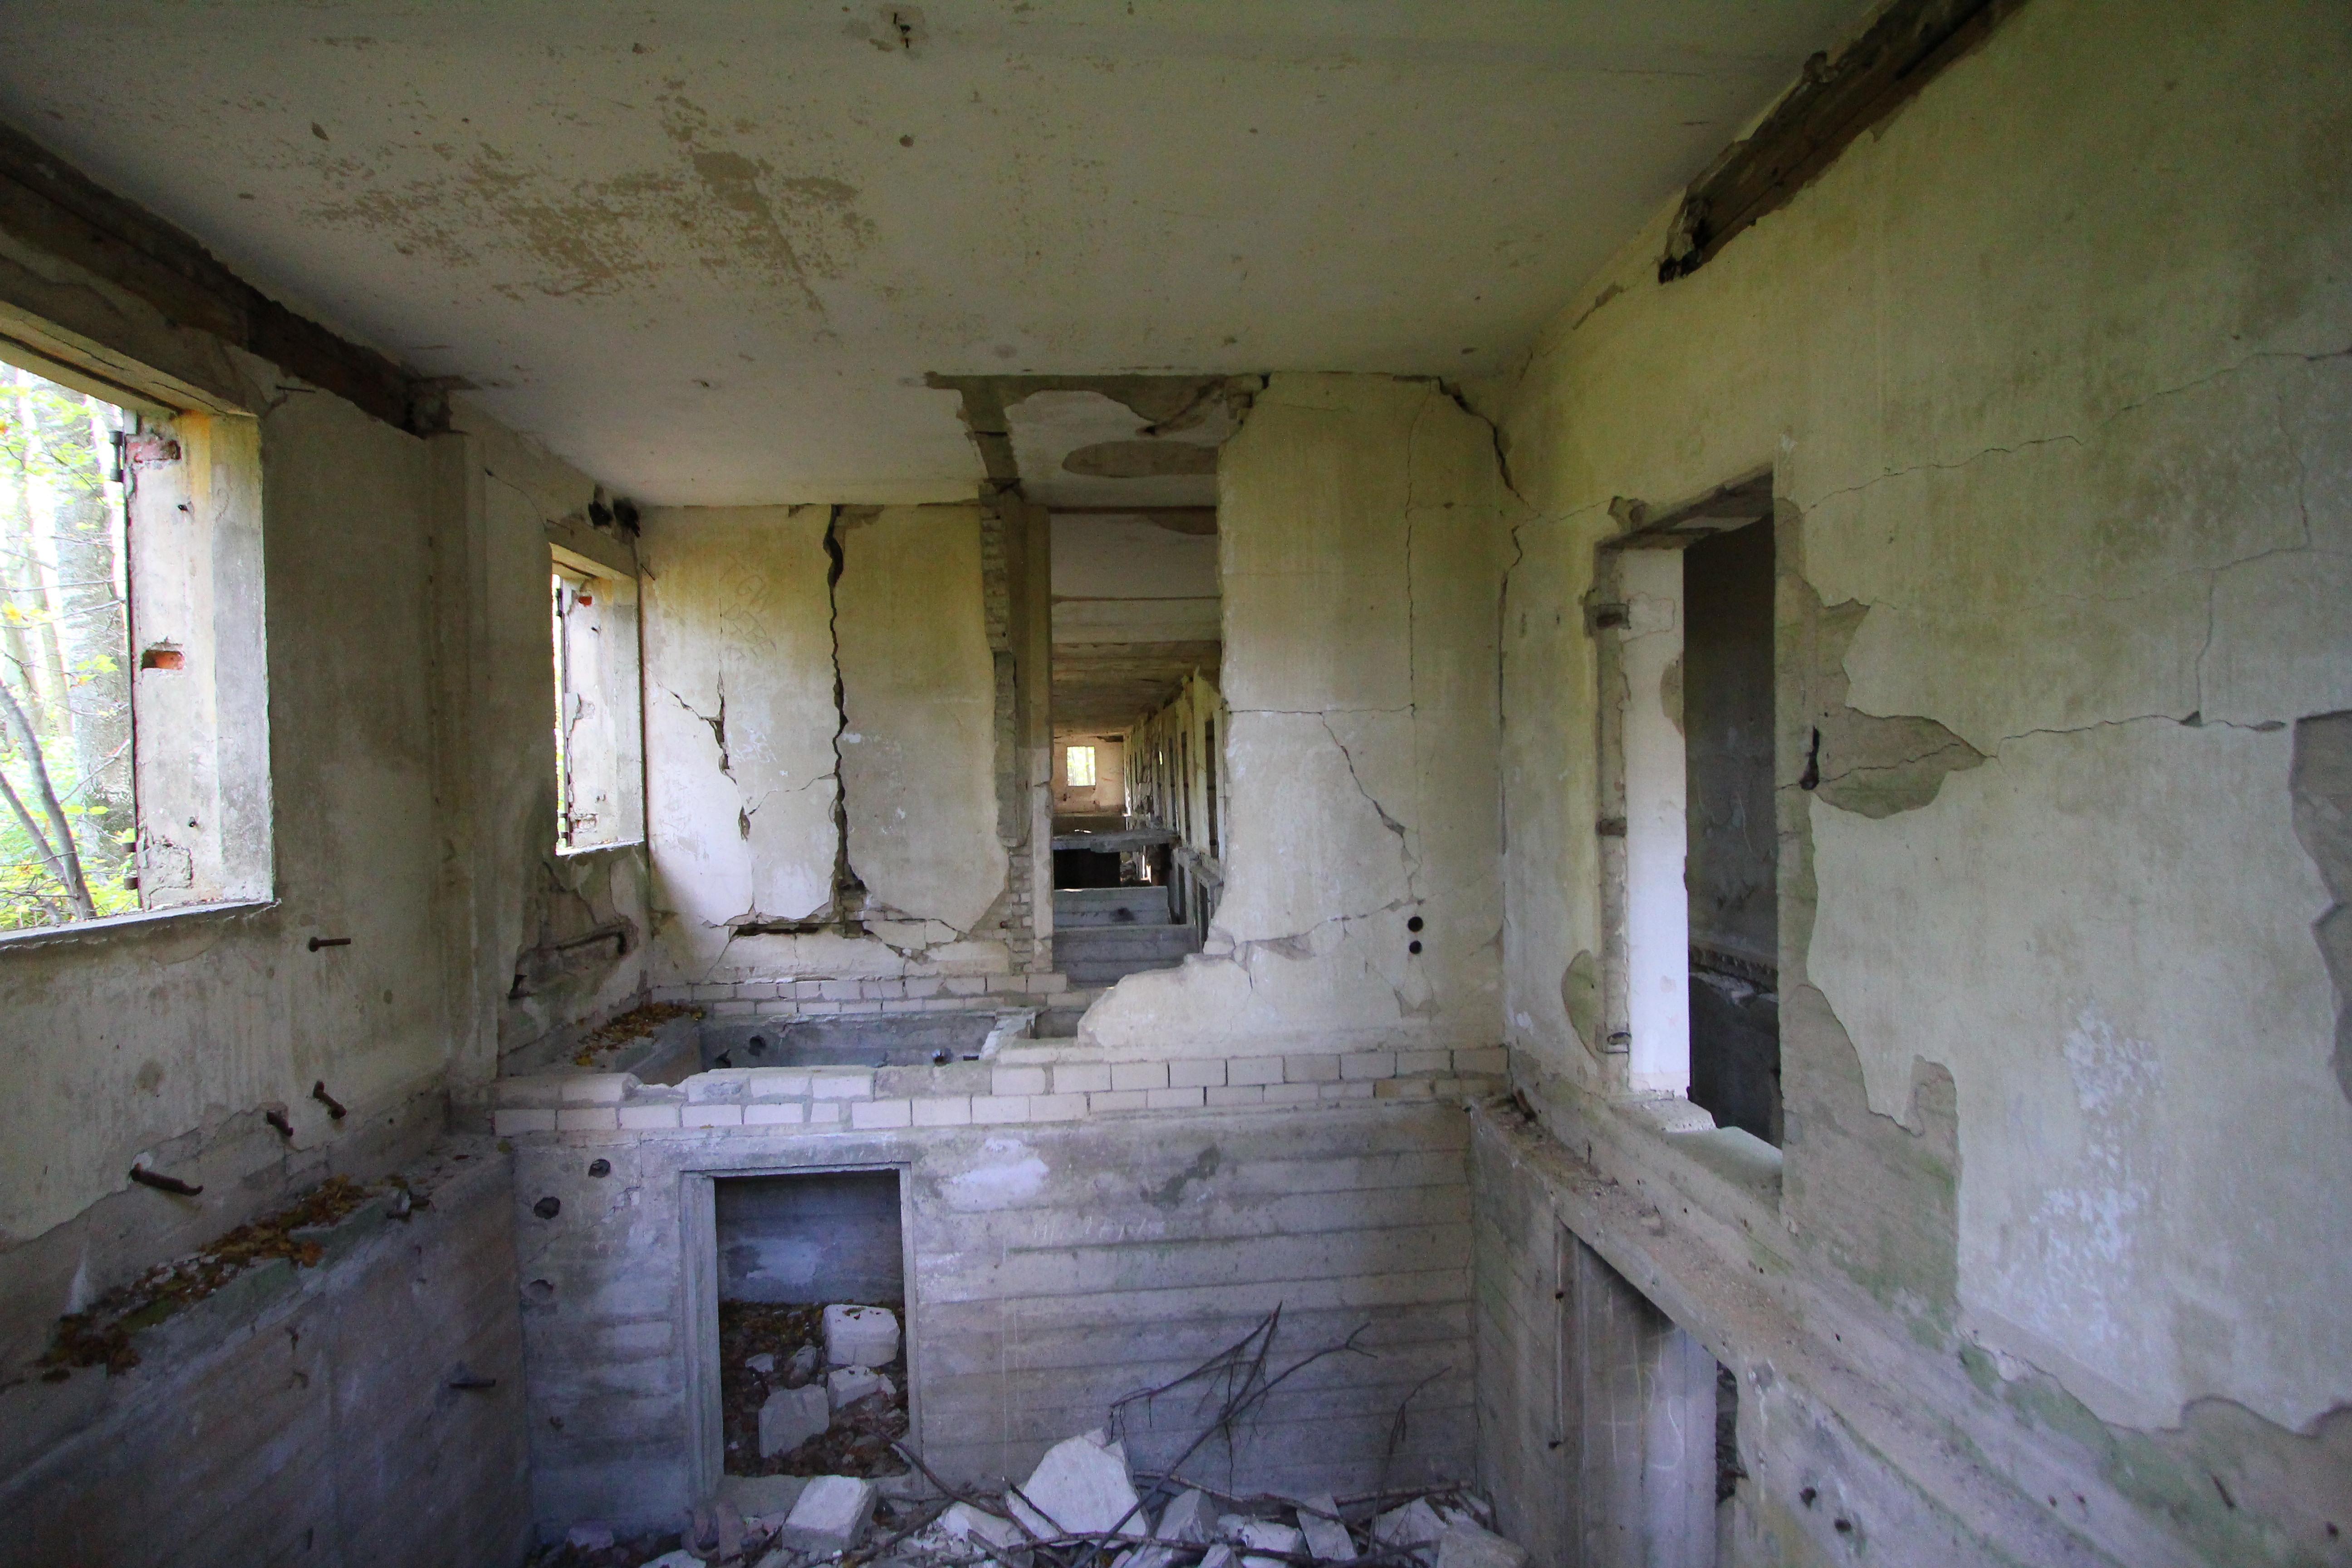 Et kig ind i en bygning hvor gulvet mangler.